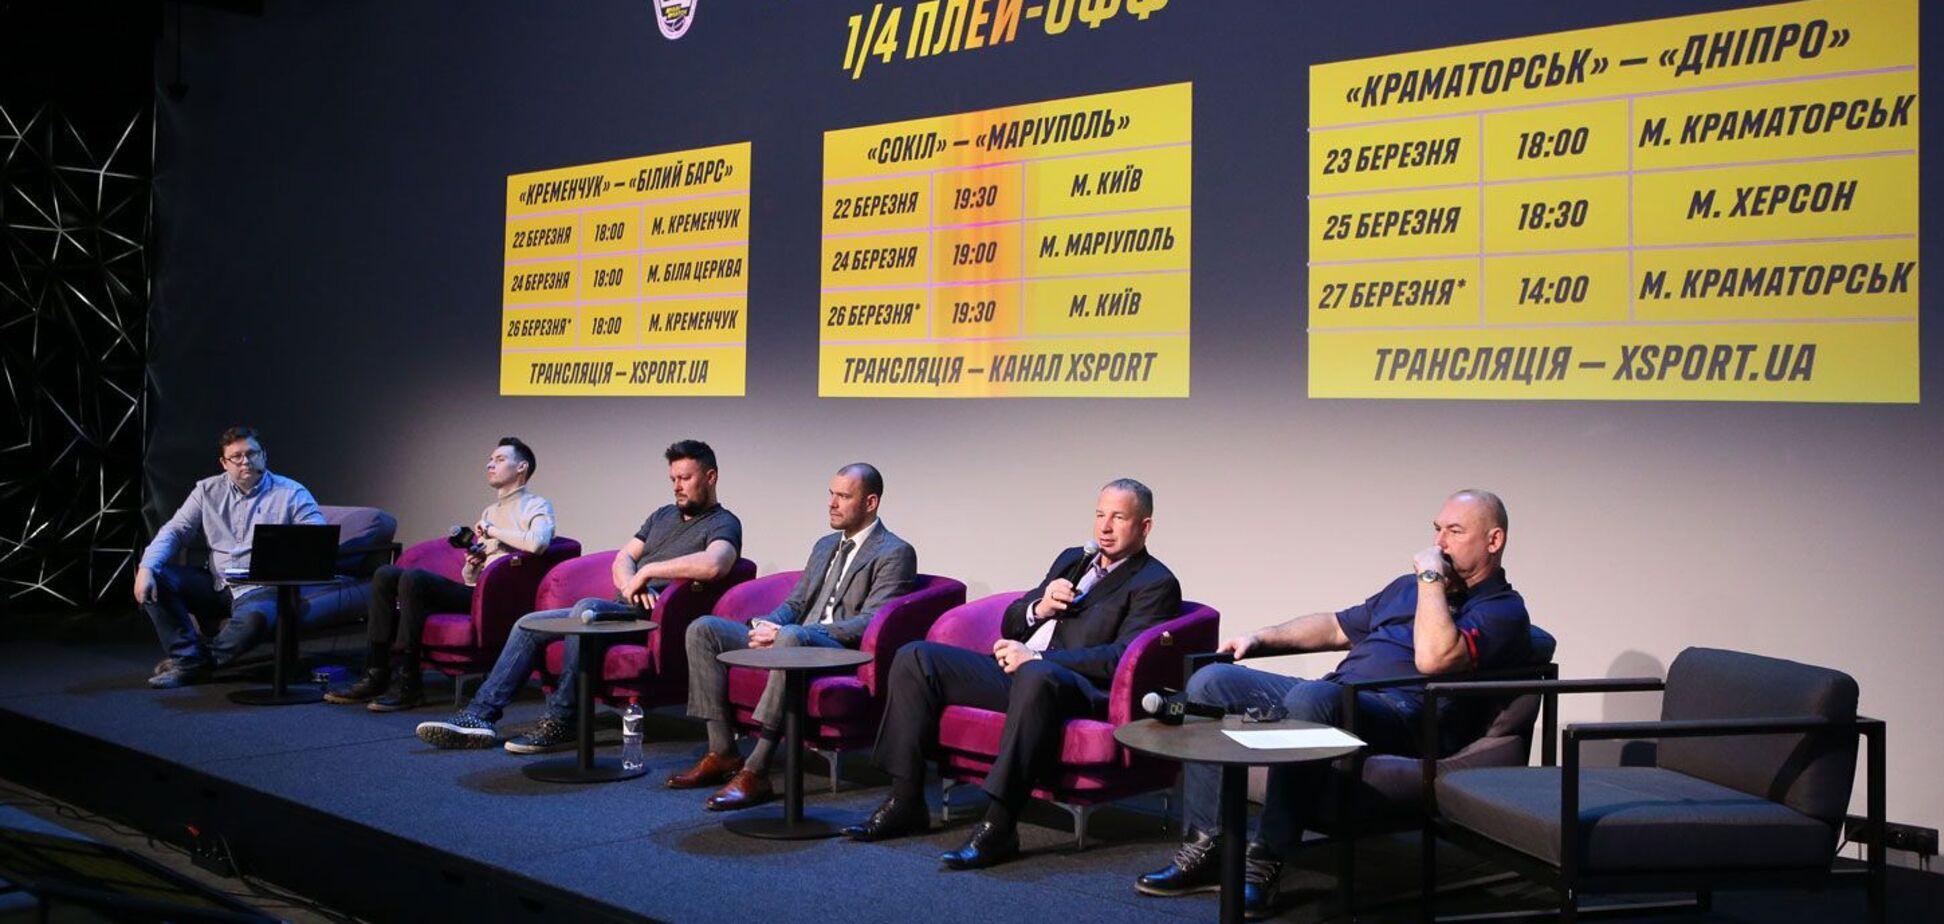 У Києві відбувся перший Експертклуб від УХЛ і Parimatch за підсумками регулярного чемпіонату